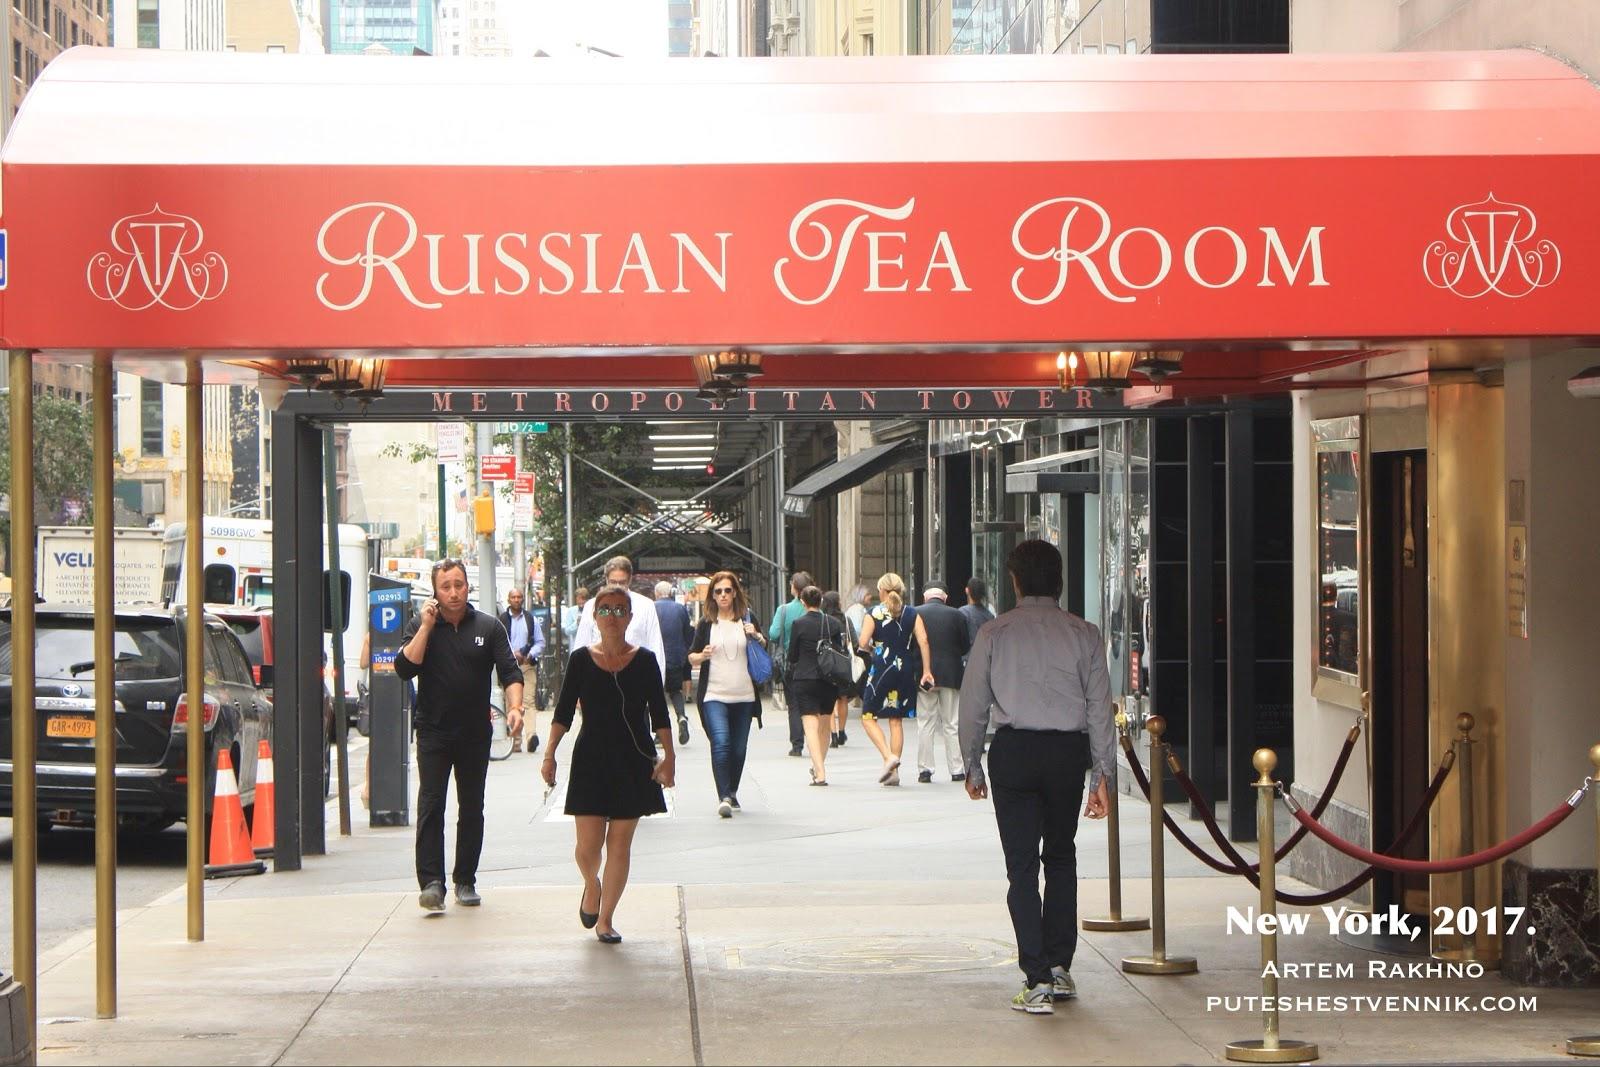 Русский ресторан в Нью-Йорке